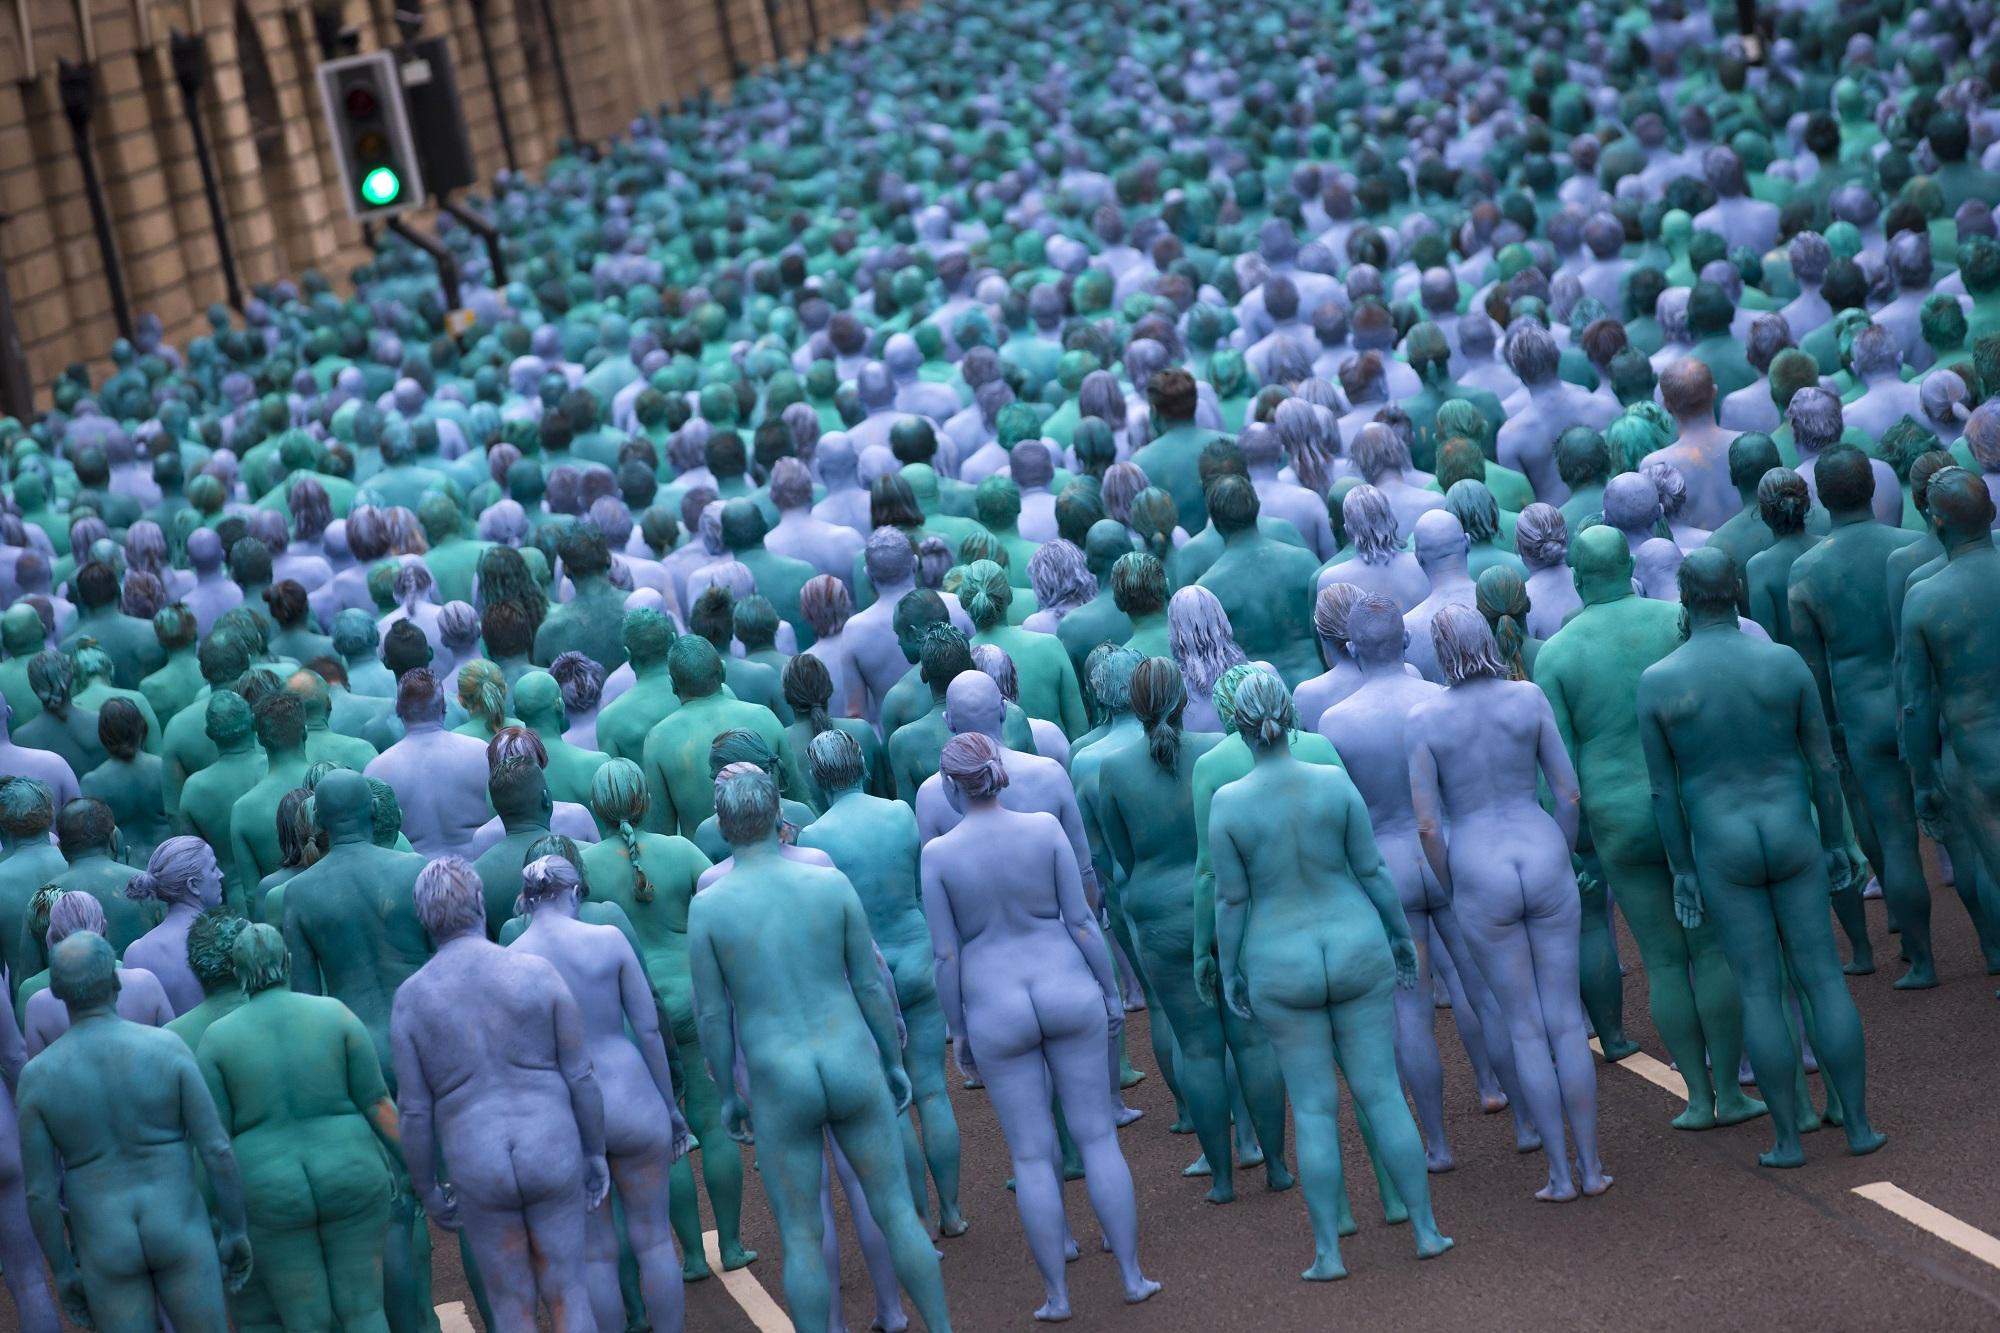 Nudi e dipinti di blu, tremila persone per l'opera di Tunick